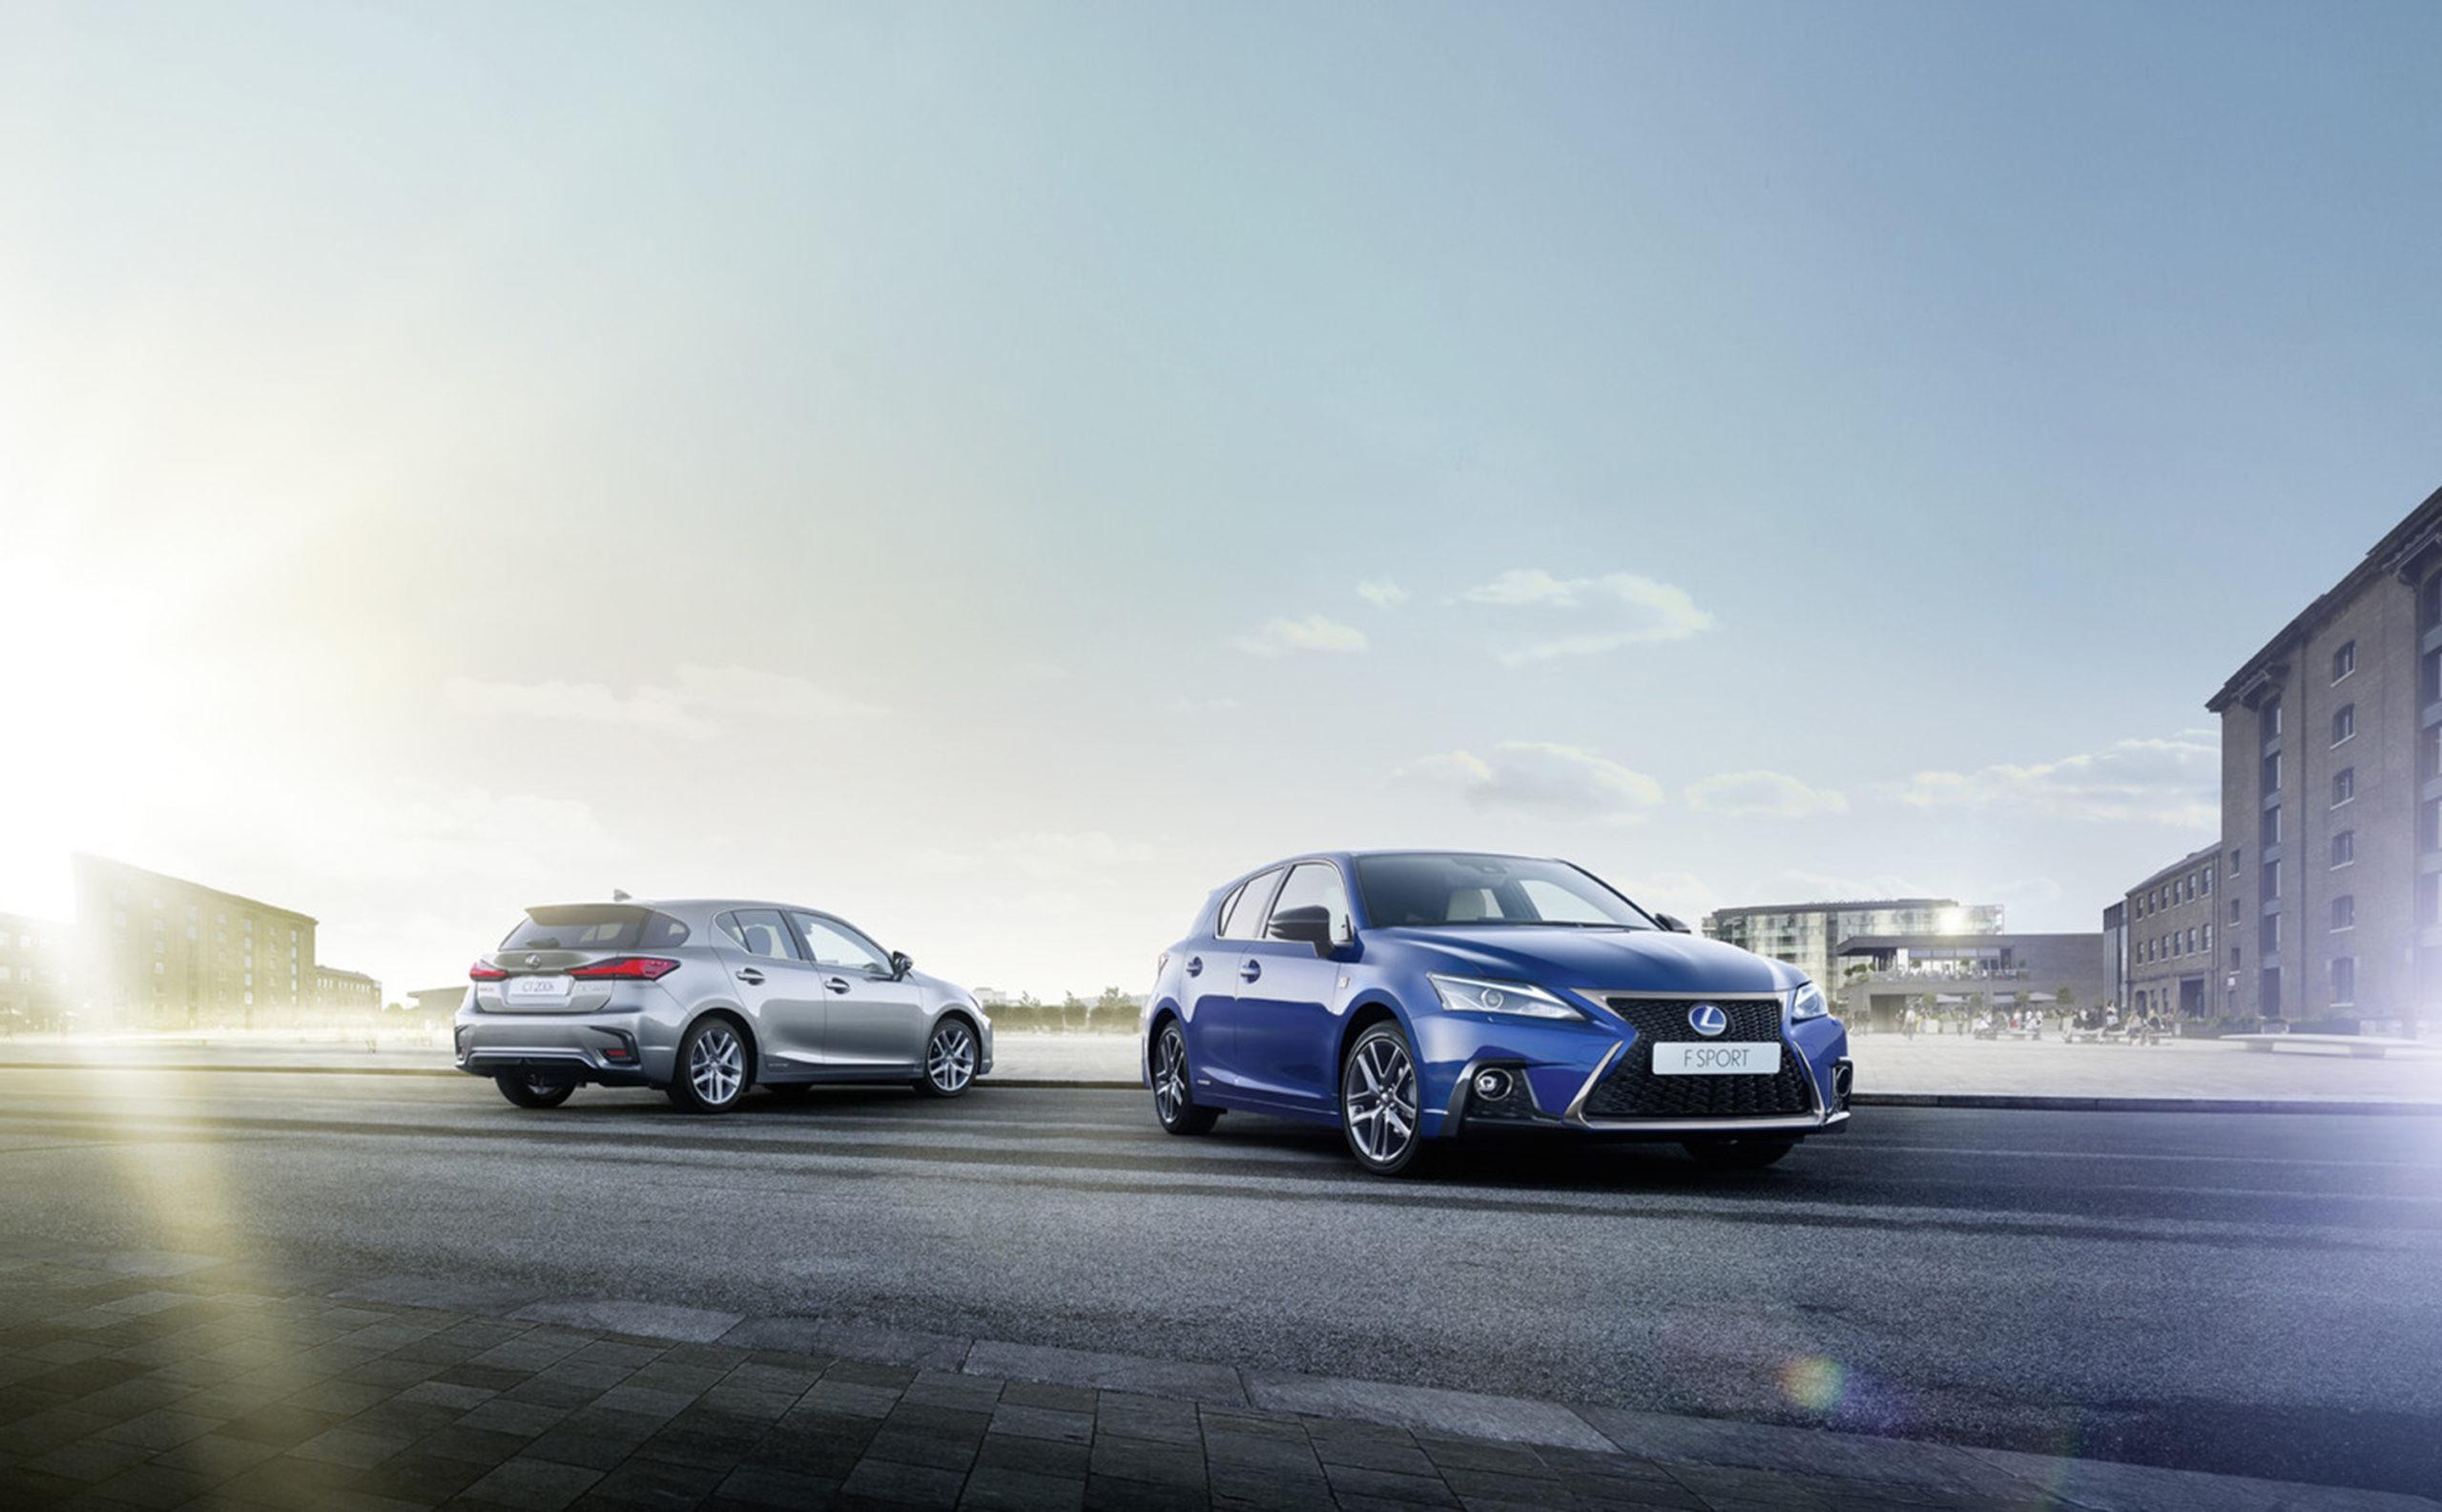 Lexus marca más fiable del mercado inglés